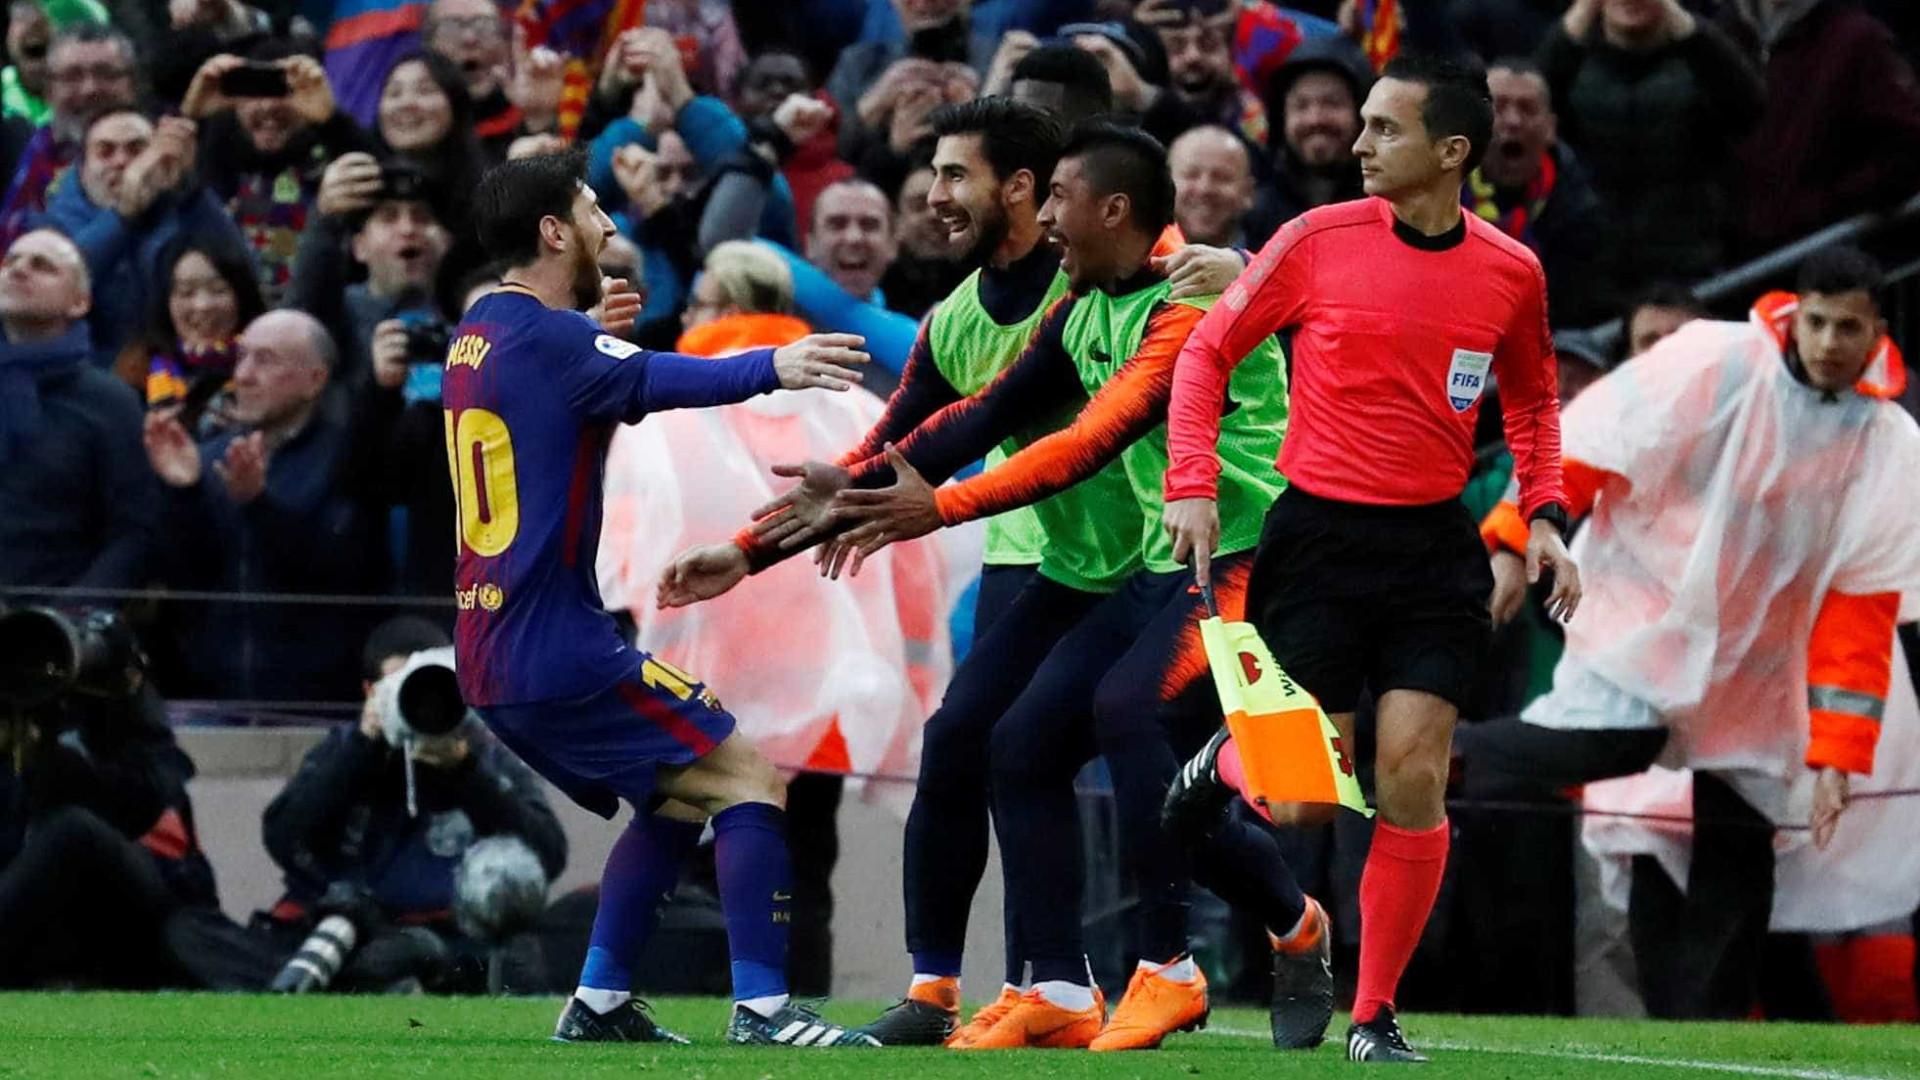 Magia de Lionel Messi resolve Clássico de emoções fortes 3fb47a08707ba